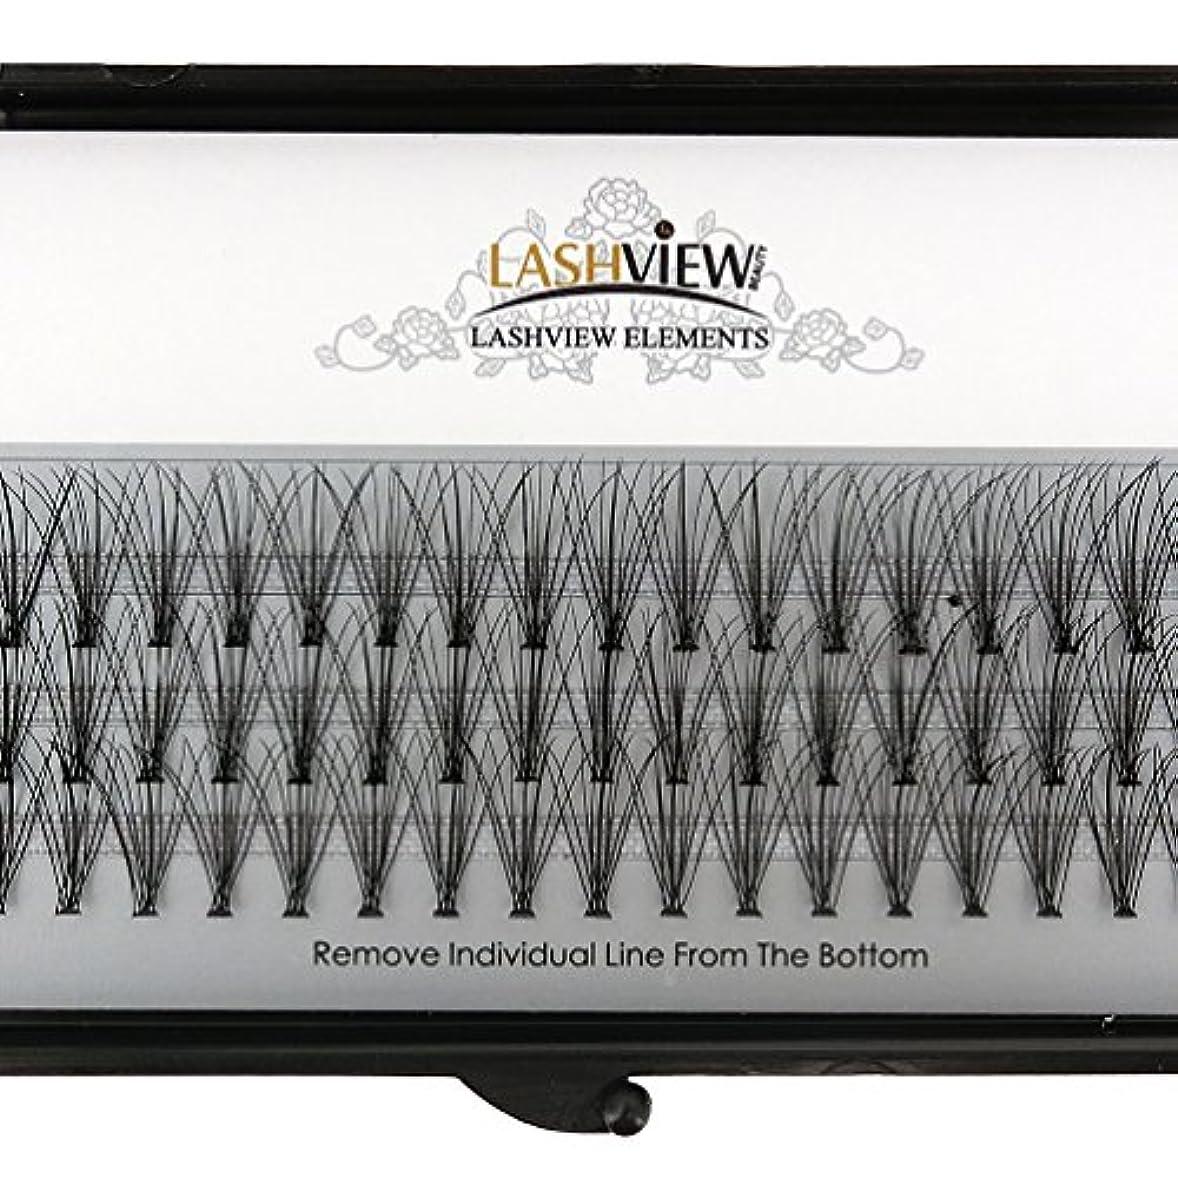 期間全体化合物LASHVIEW 高品質まつげエクステ太さ0.10mm Cカール フレア セルフ用 素材 10本束12mm マツエク